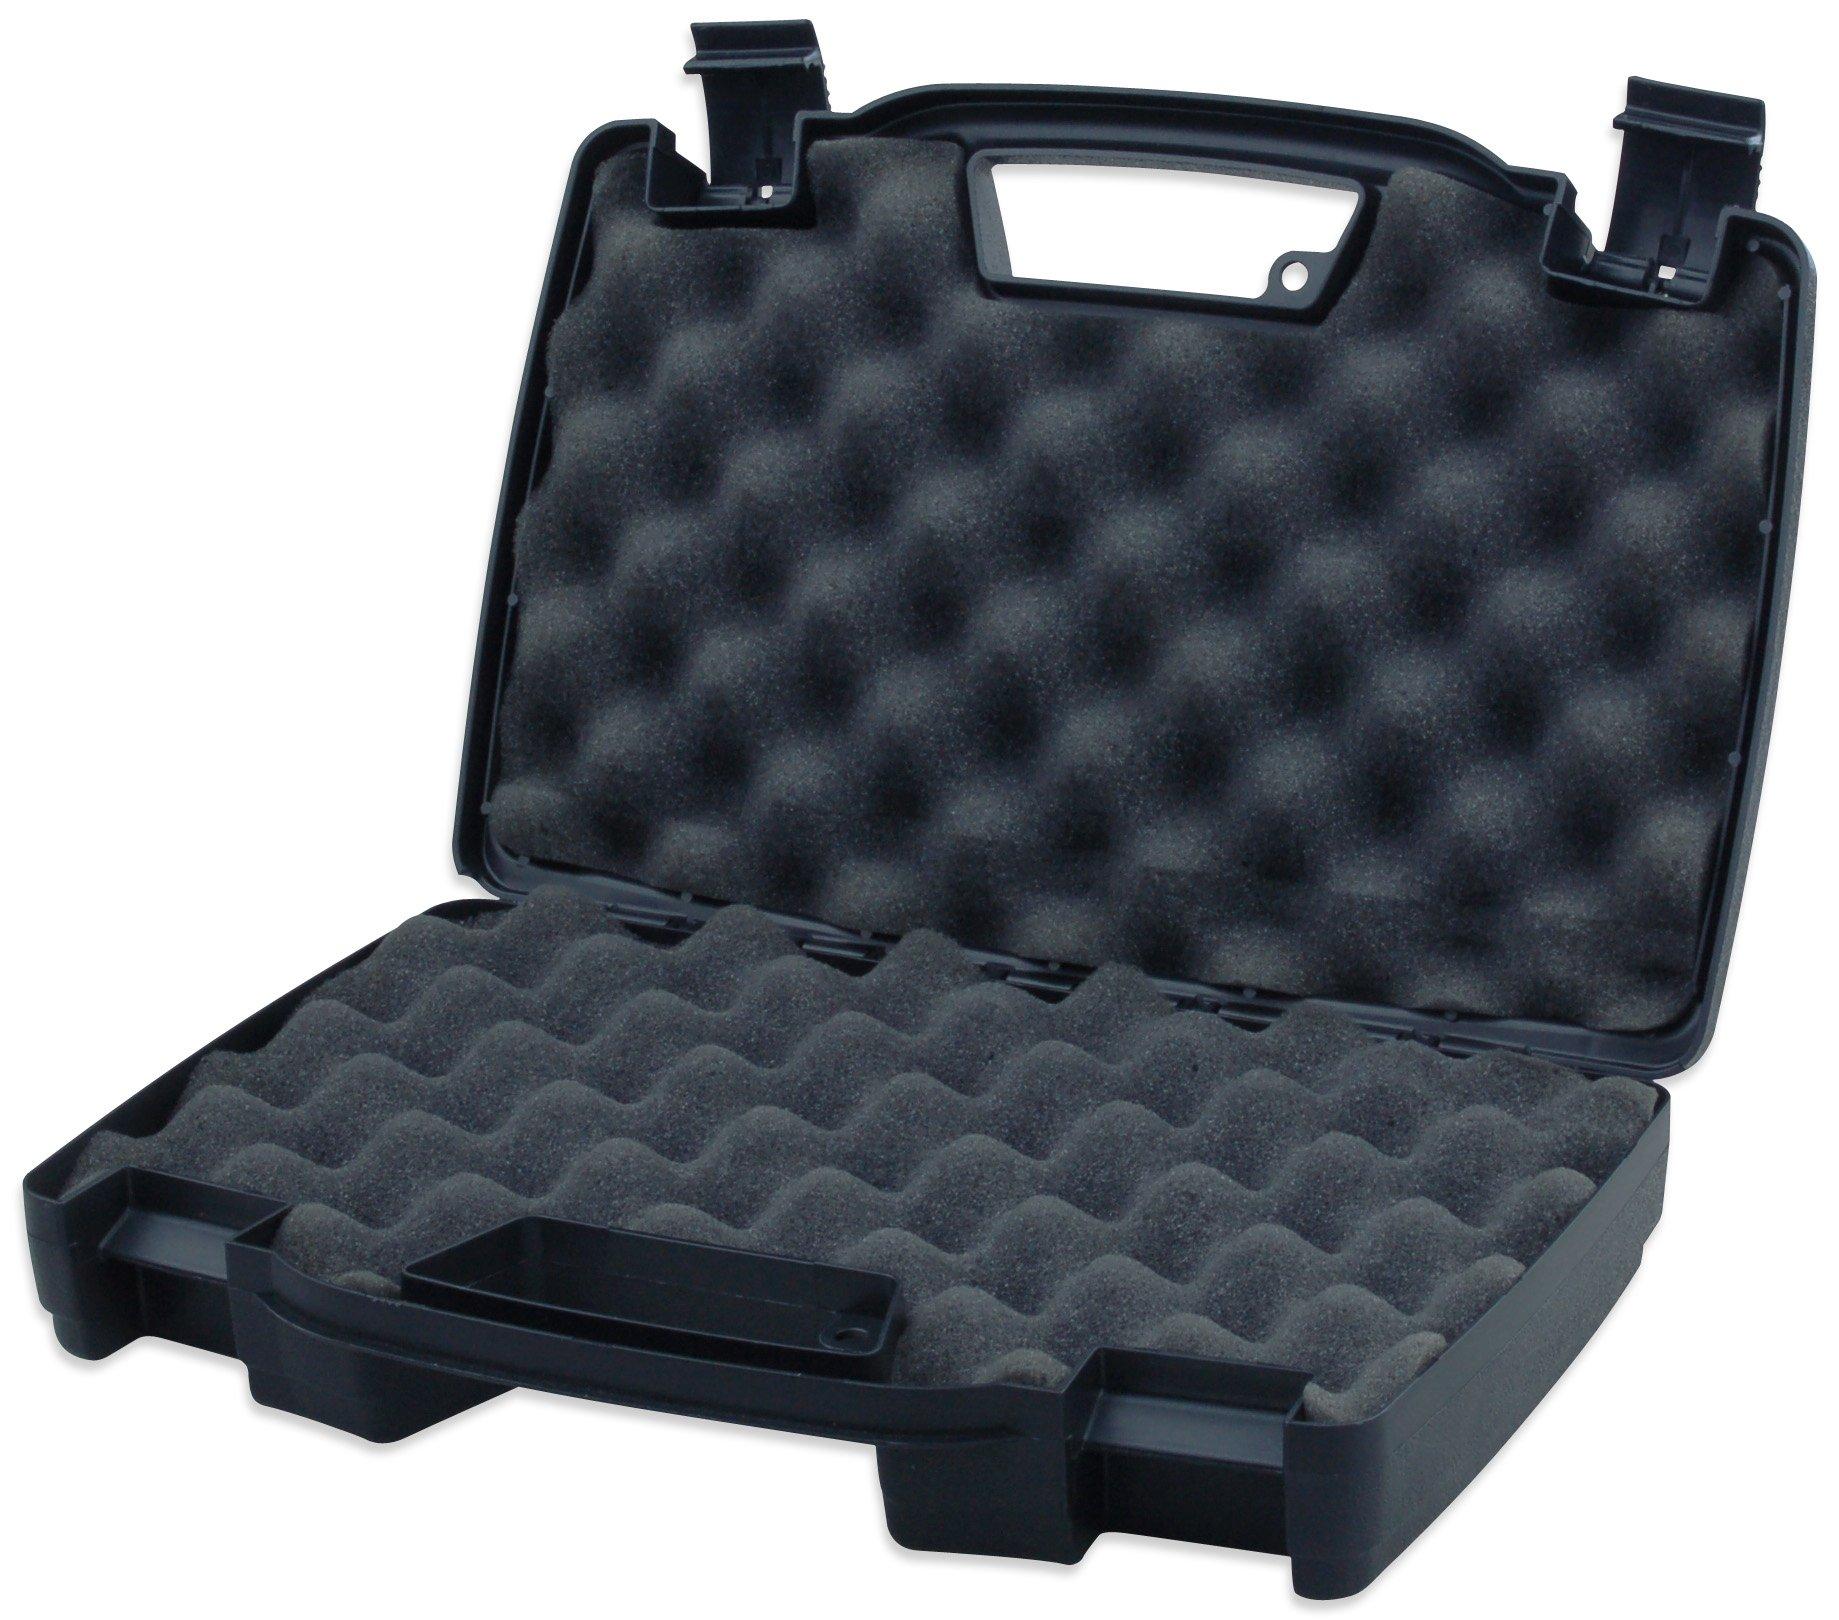 High Desert 10200 High-Desert Plastic Pistol Hard Case, Black